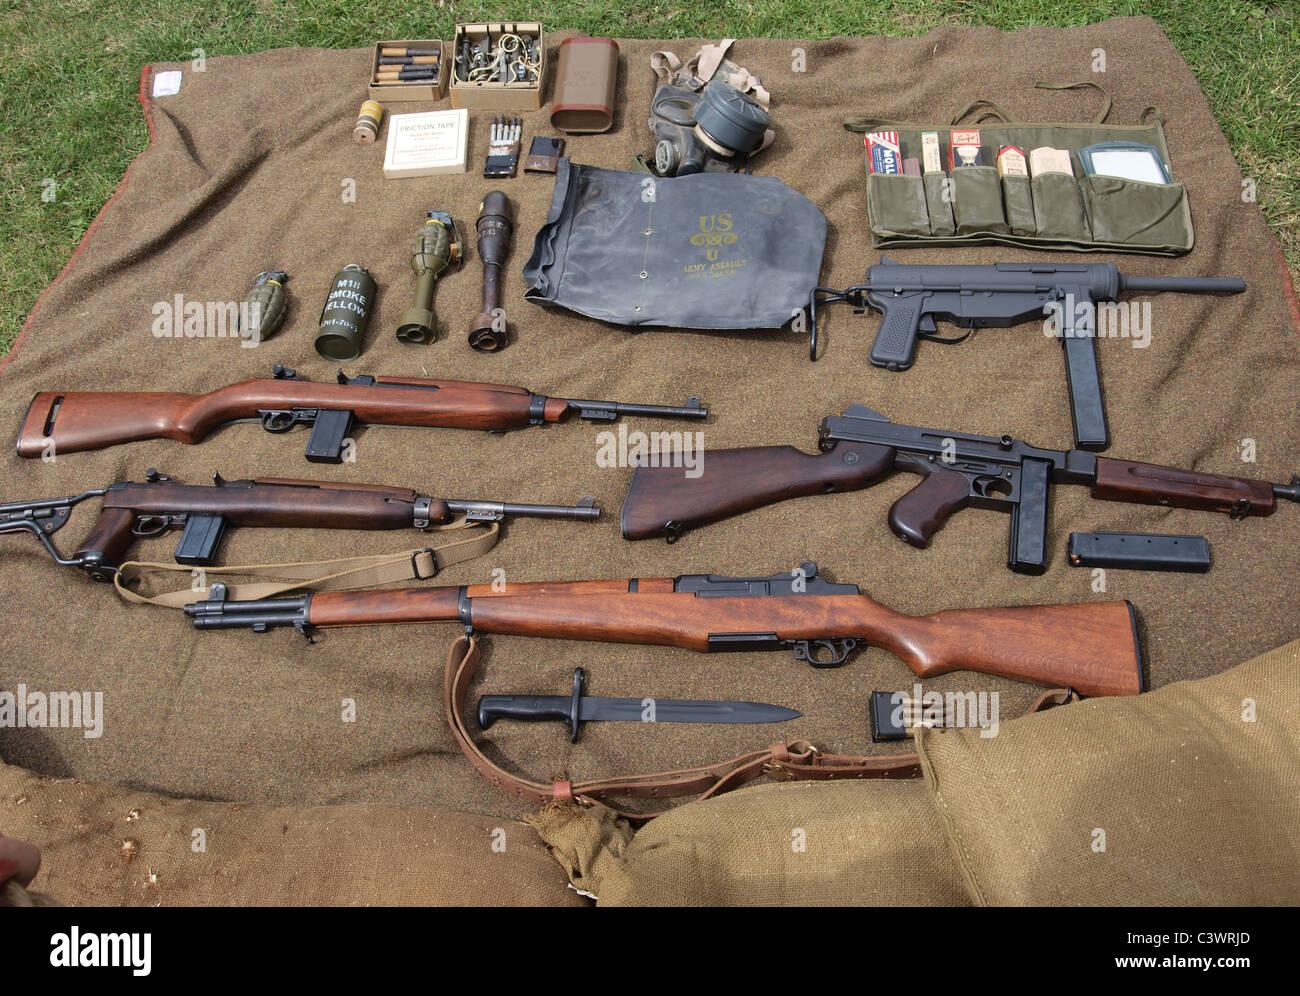 Ww2 weapons